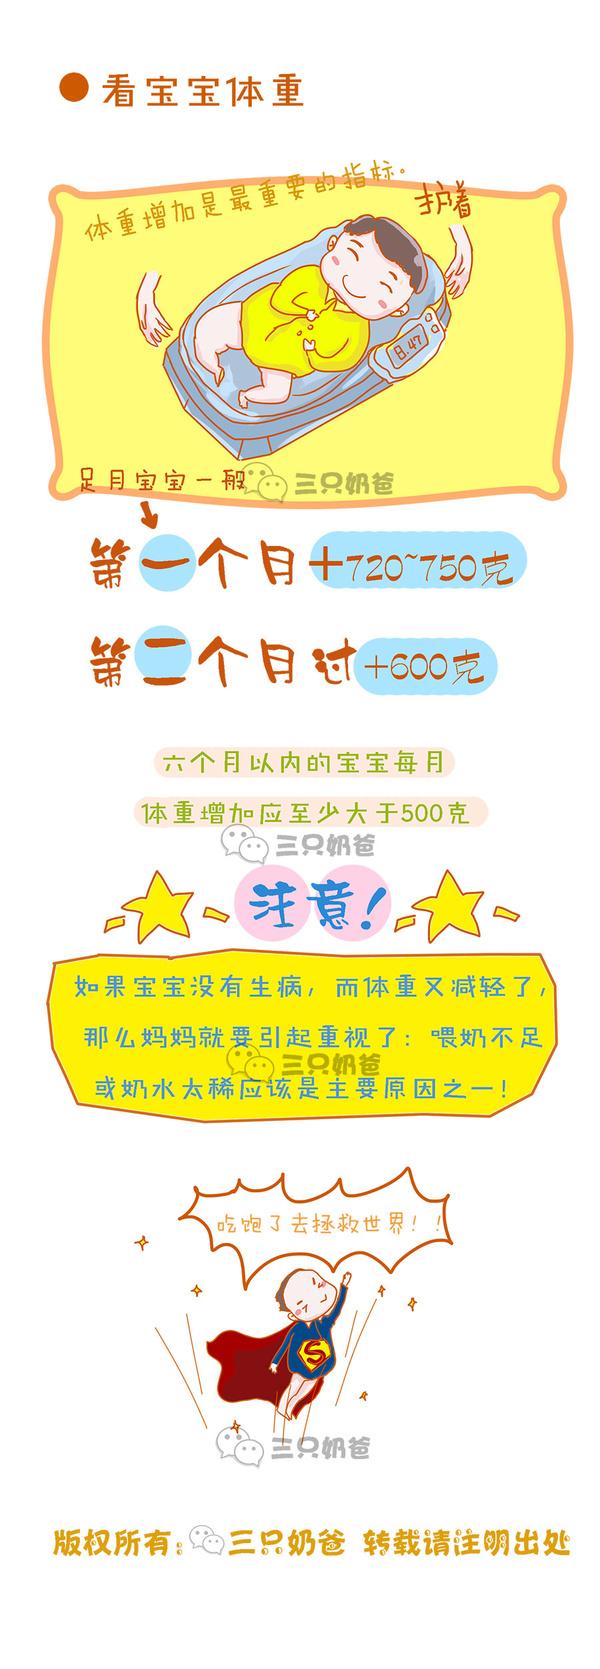 【漫画】漫画v漫画合照宝宝吃饱了判断校园母乳图片